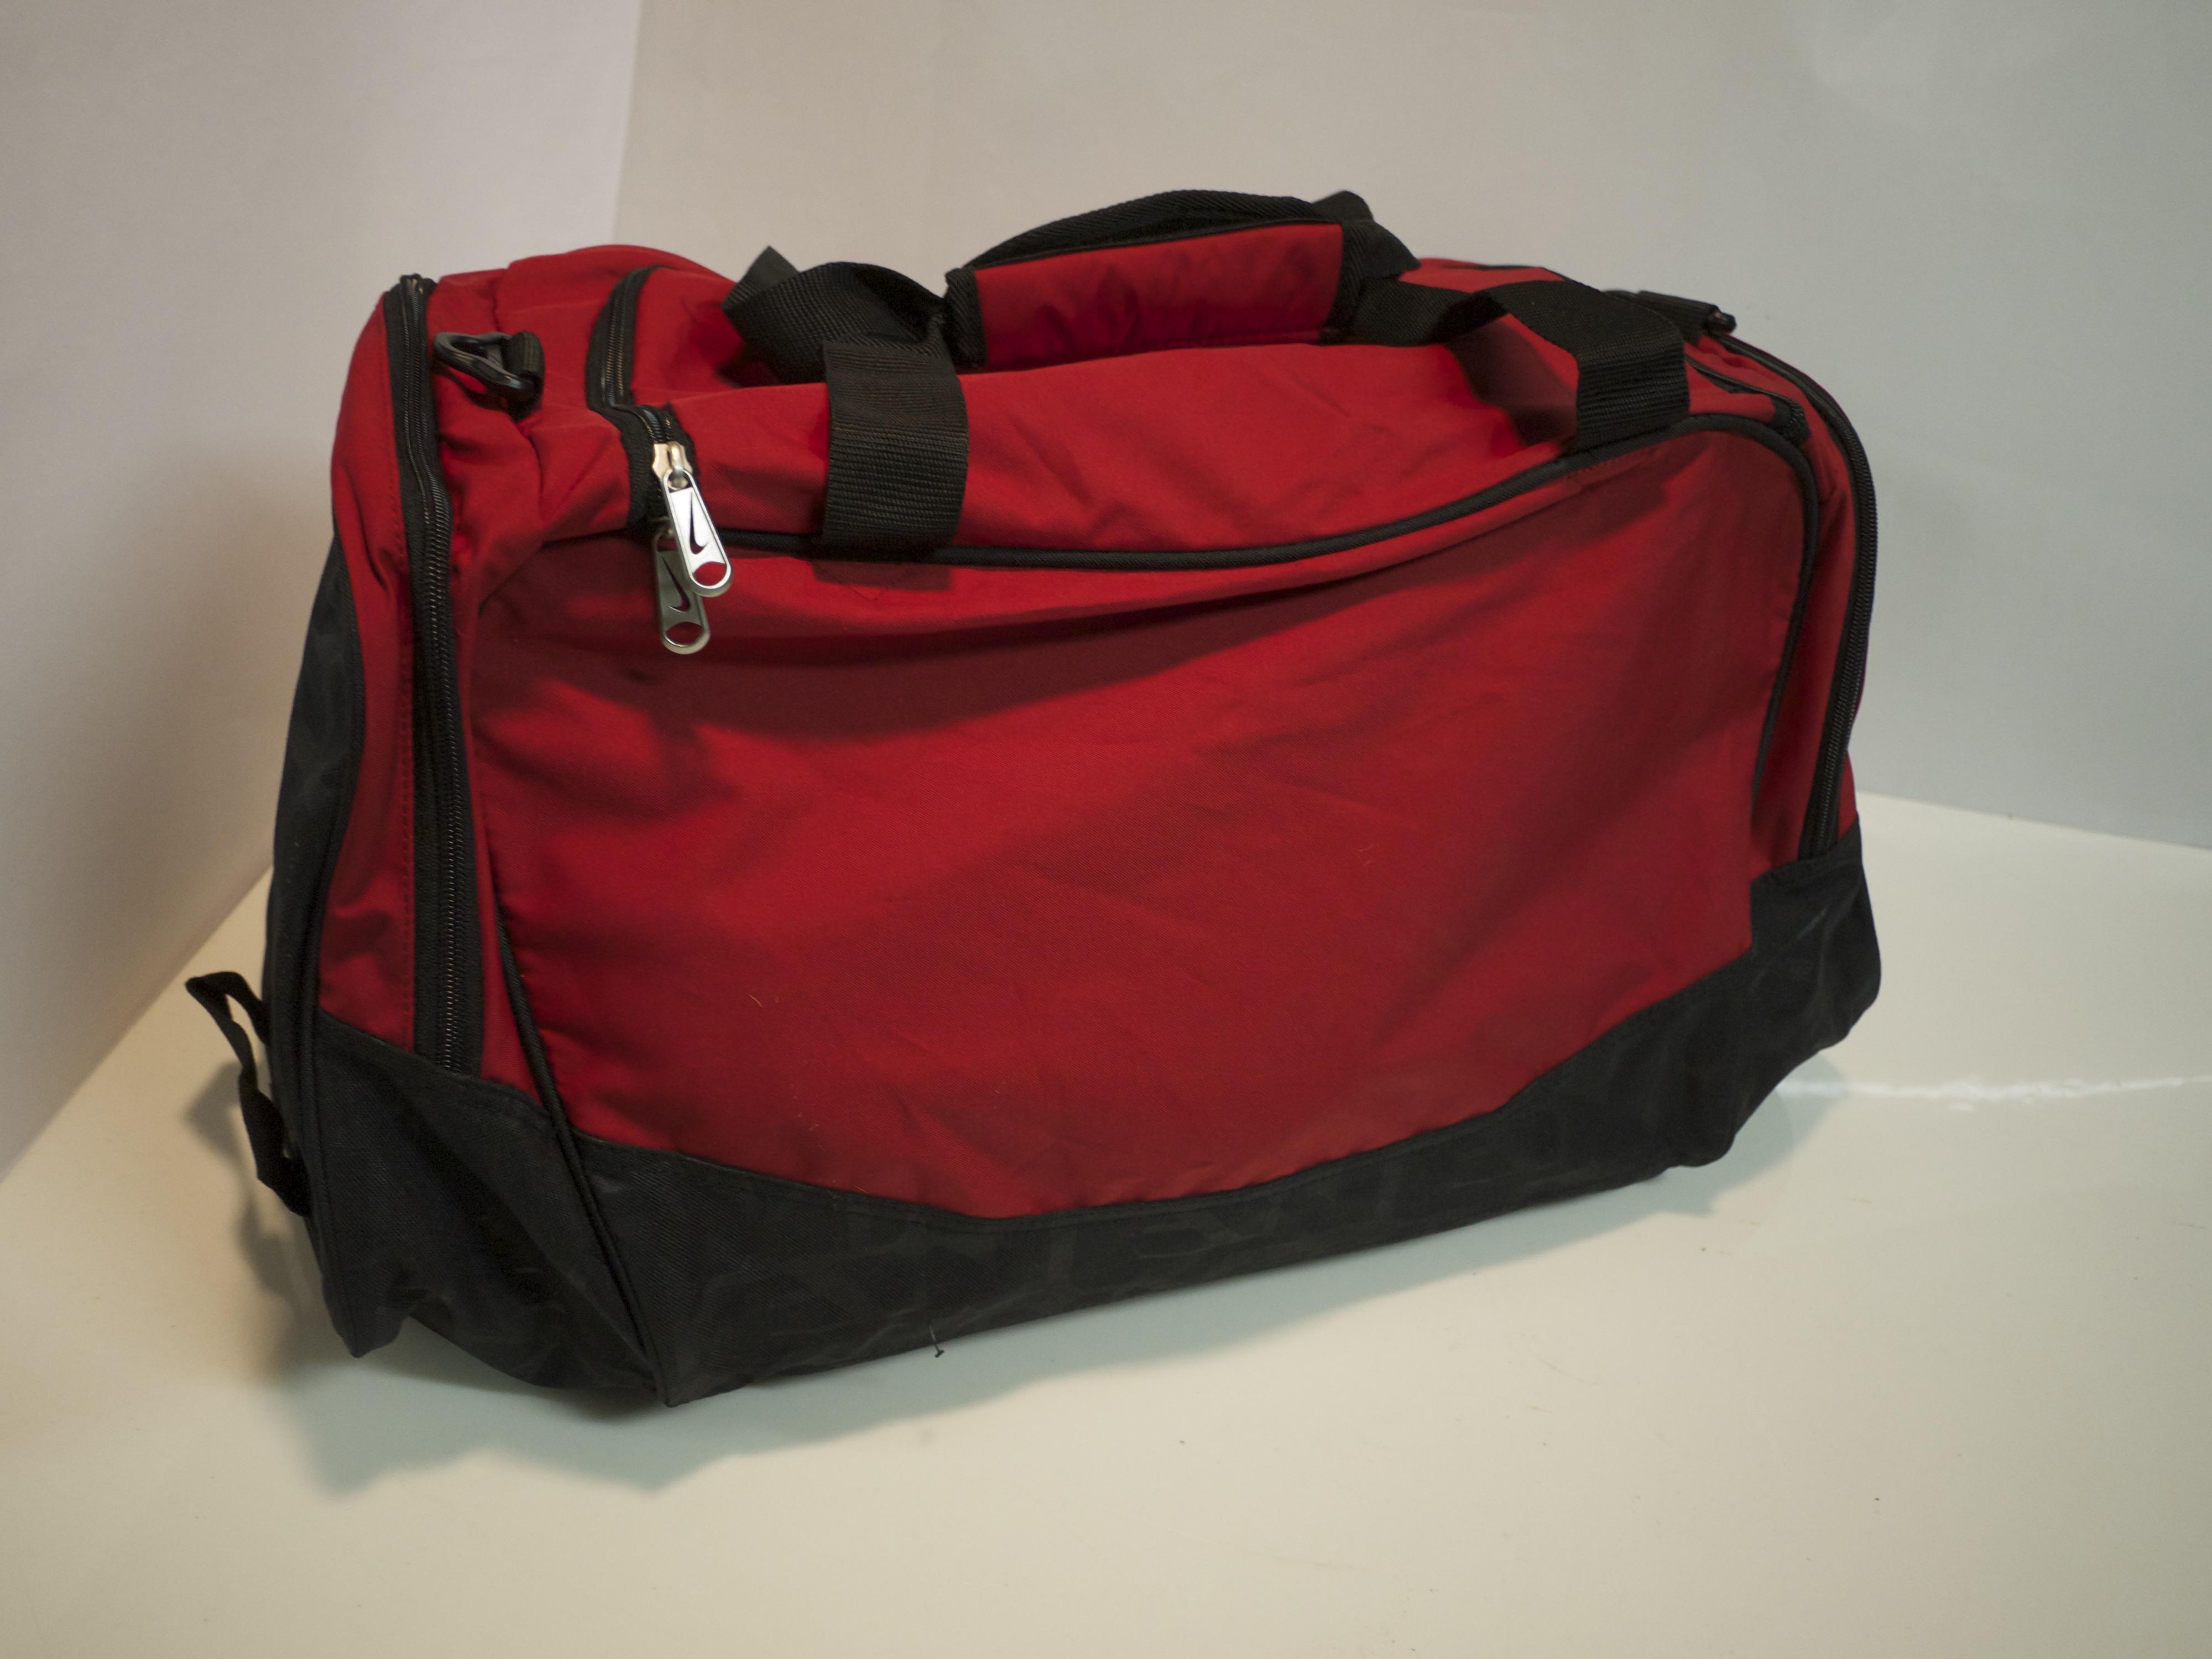 Lg Red duffle/gym bag